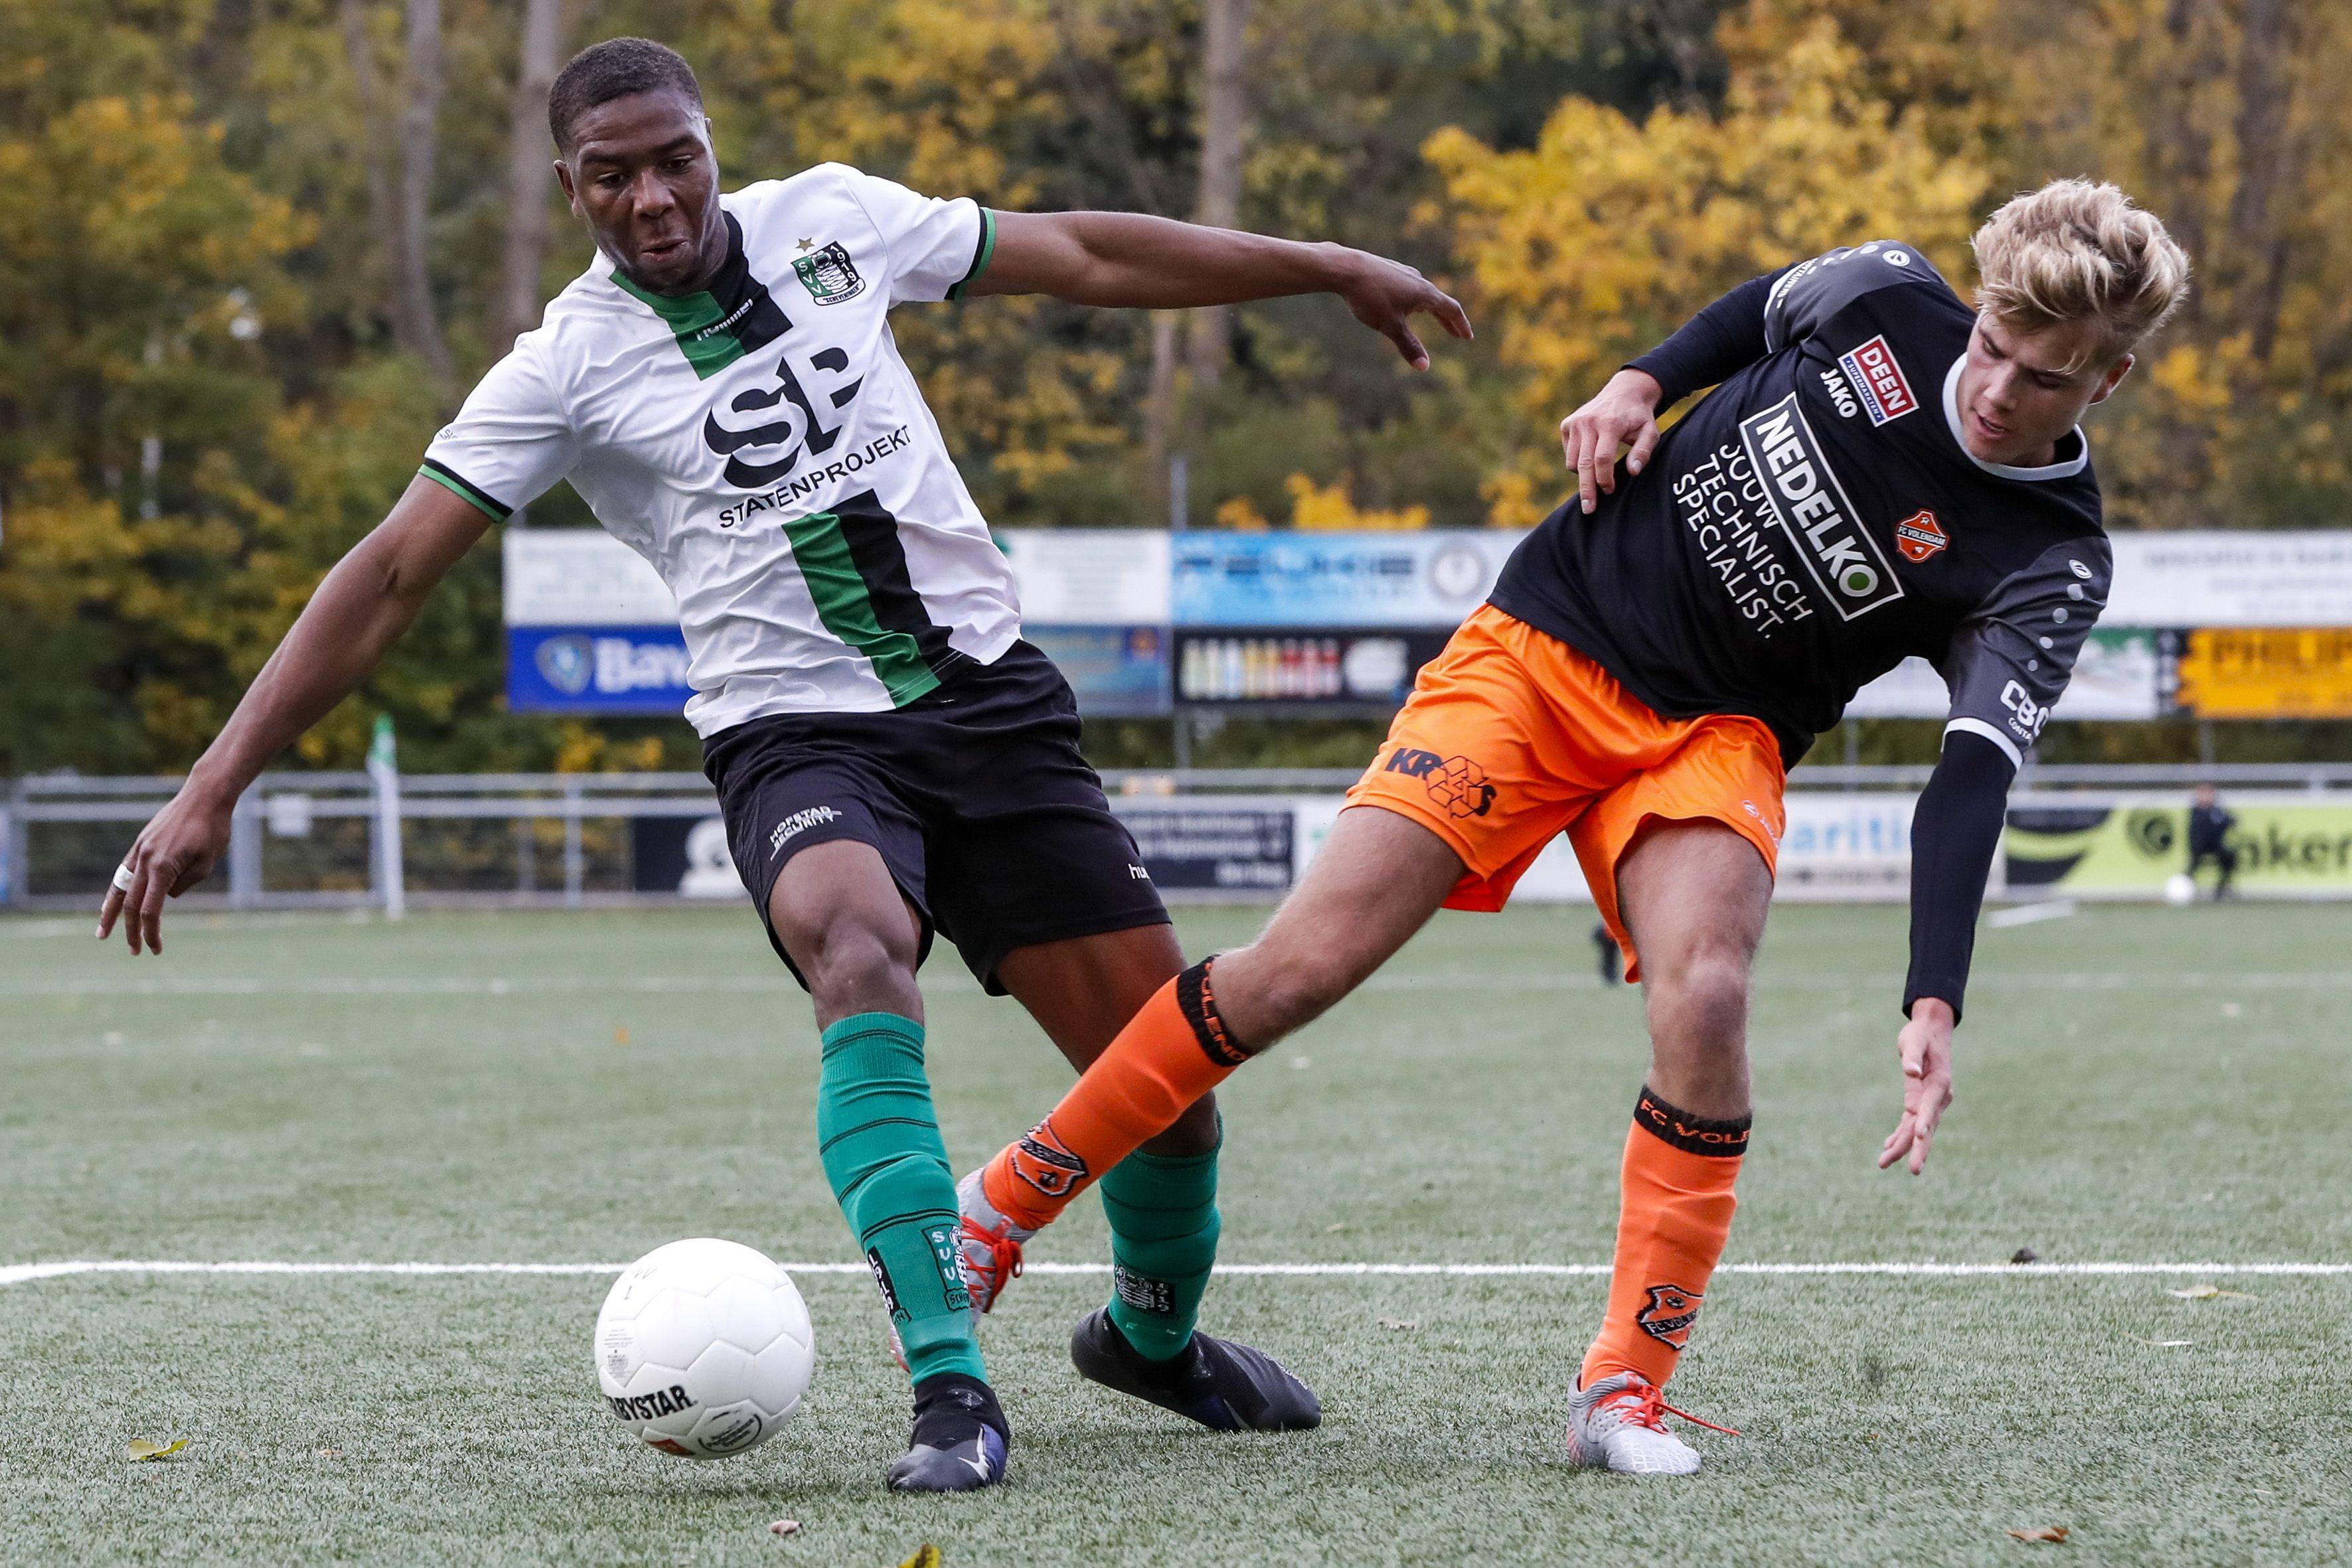 Matig Jong FC Volendam opnieuw met lege handen